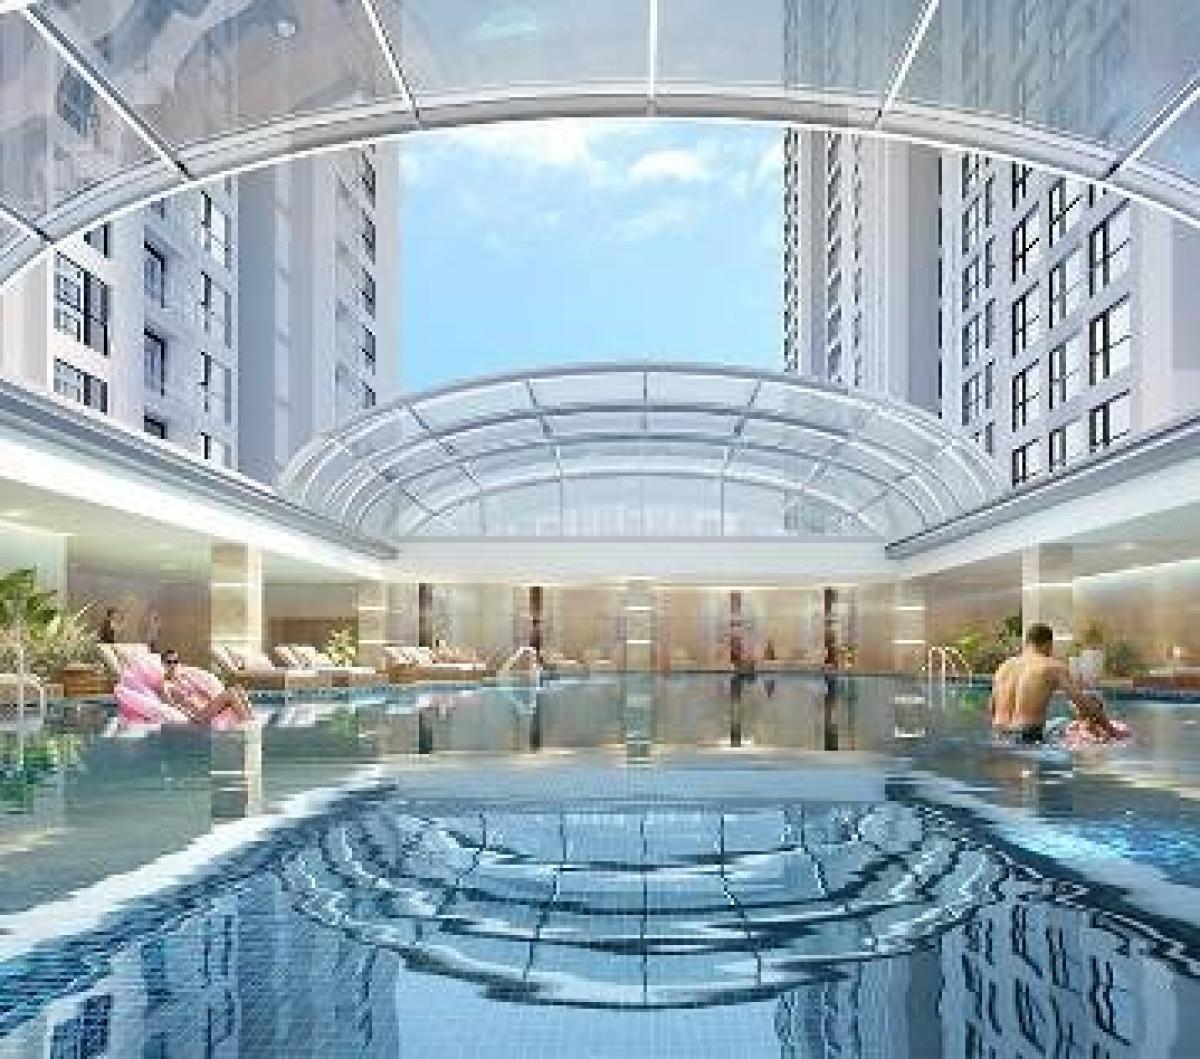 Bể bơi bốn mùa sang trọng, đẳng cấp không kém khách sạn 5 sao